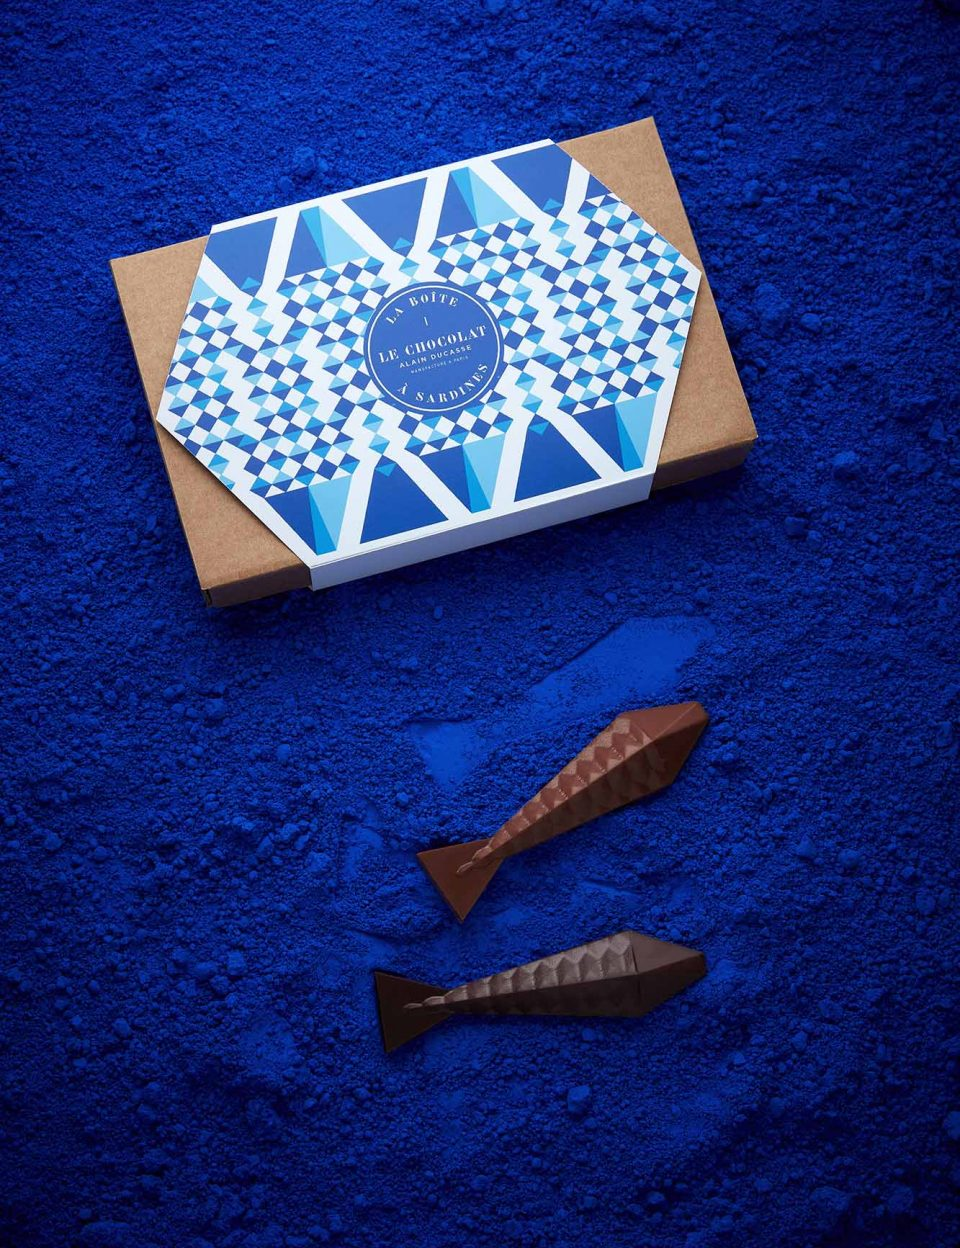 ル・ショコラ・アラン・デュカスが提案する、魅惑のイースターコレクション。